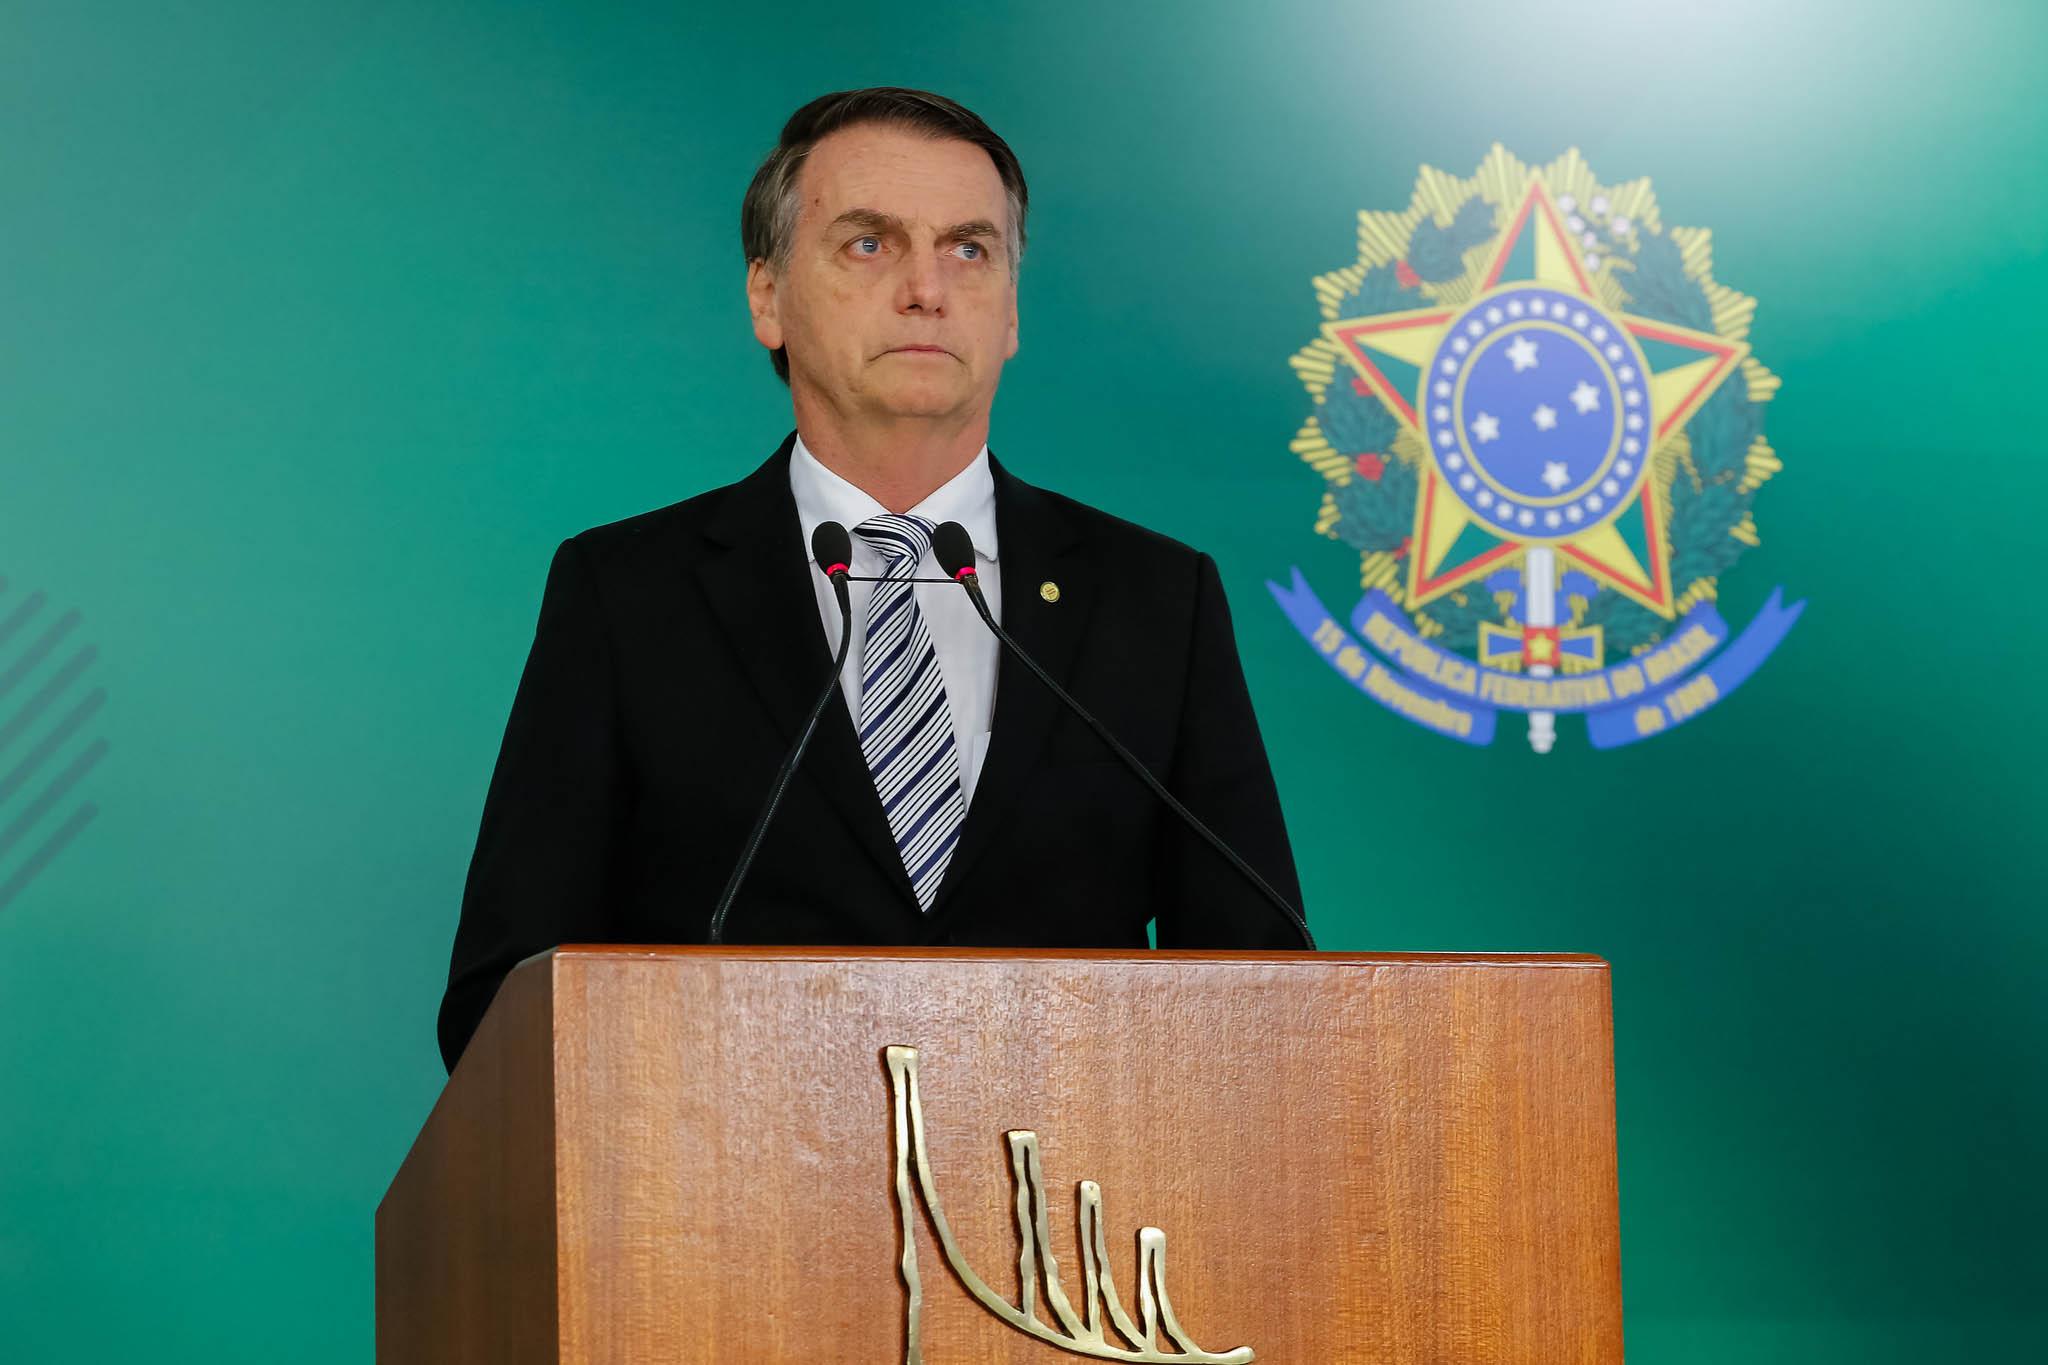 Novo presidente do Banco do Brasil é indicado por Paulo Guedes